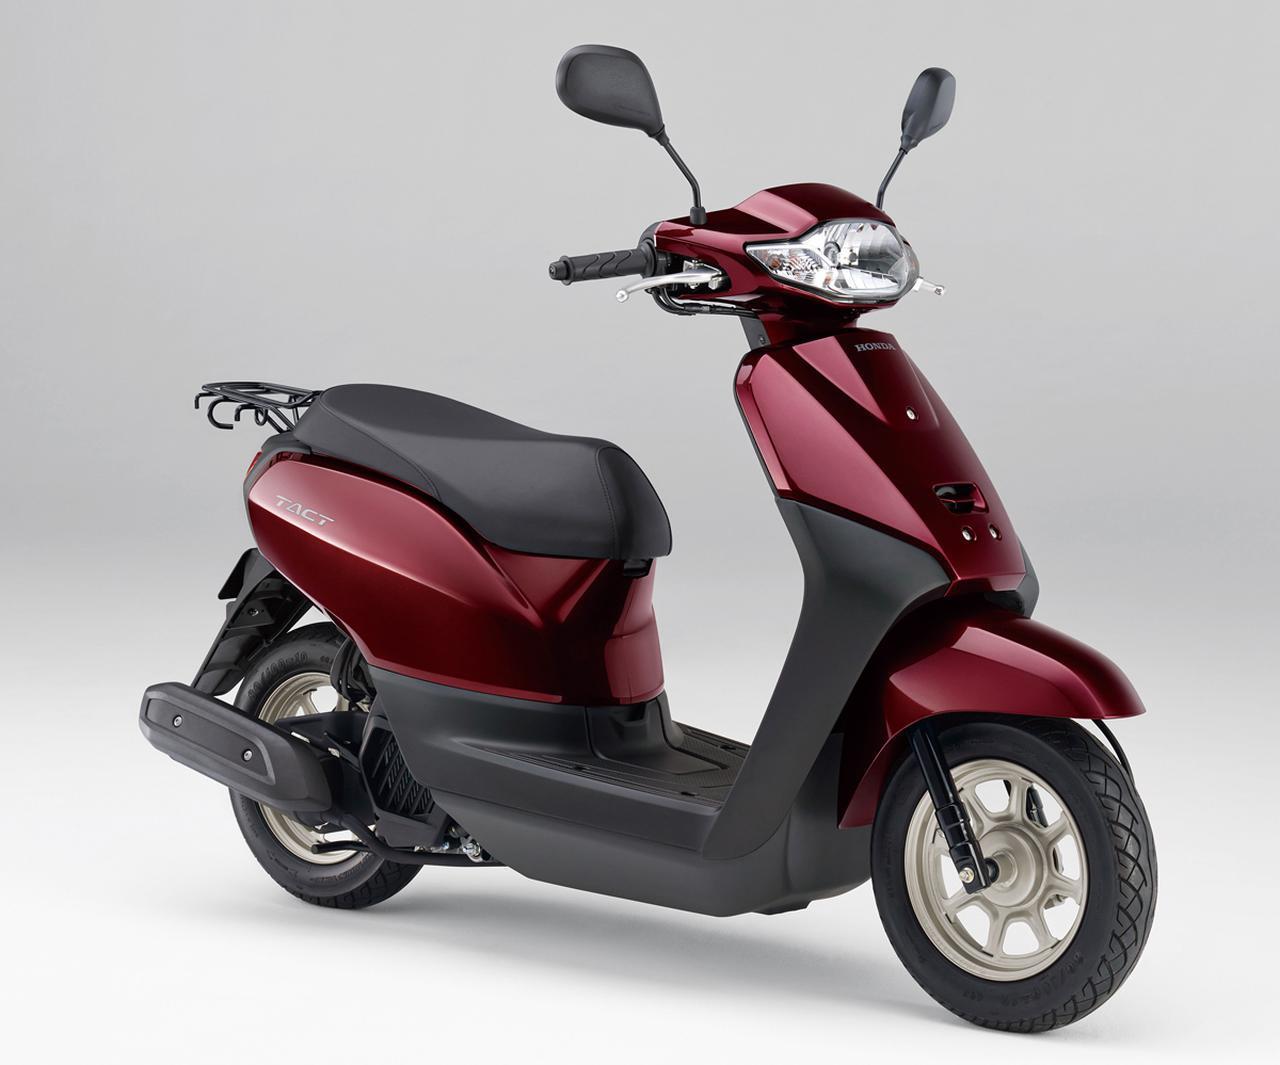 画像: ホンダ「タクト」「タクト・ベーシック」【1分で読める 2021年に新車で購入可能なバイク紹介】 - webオートバイ